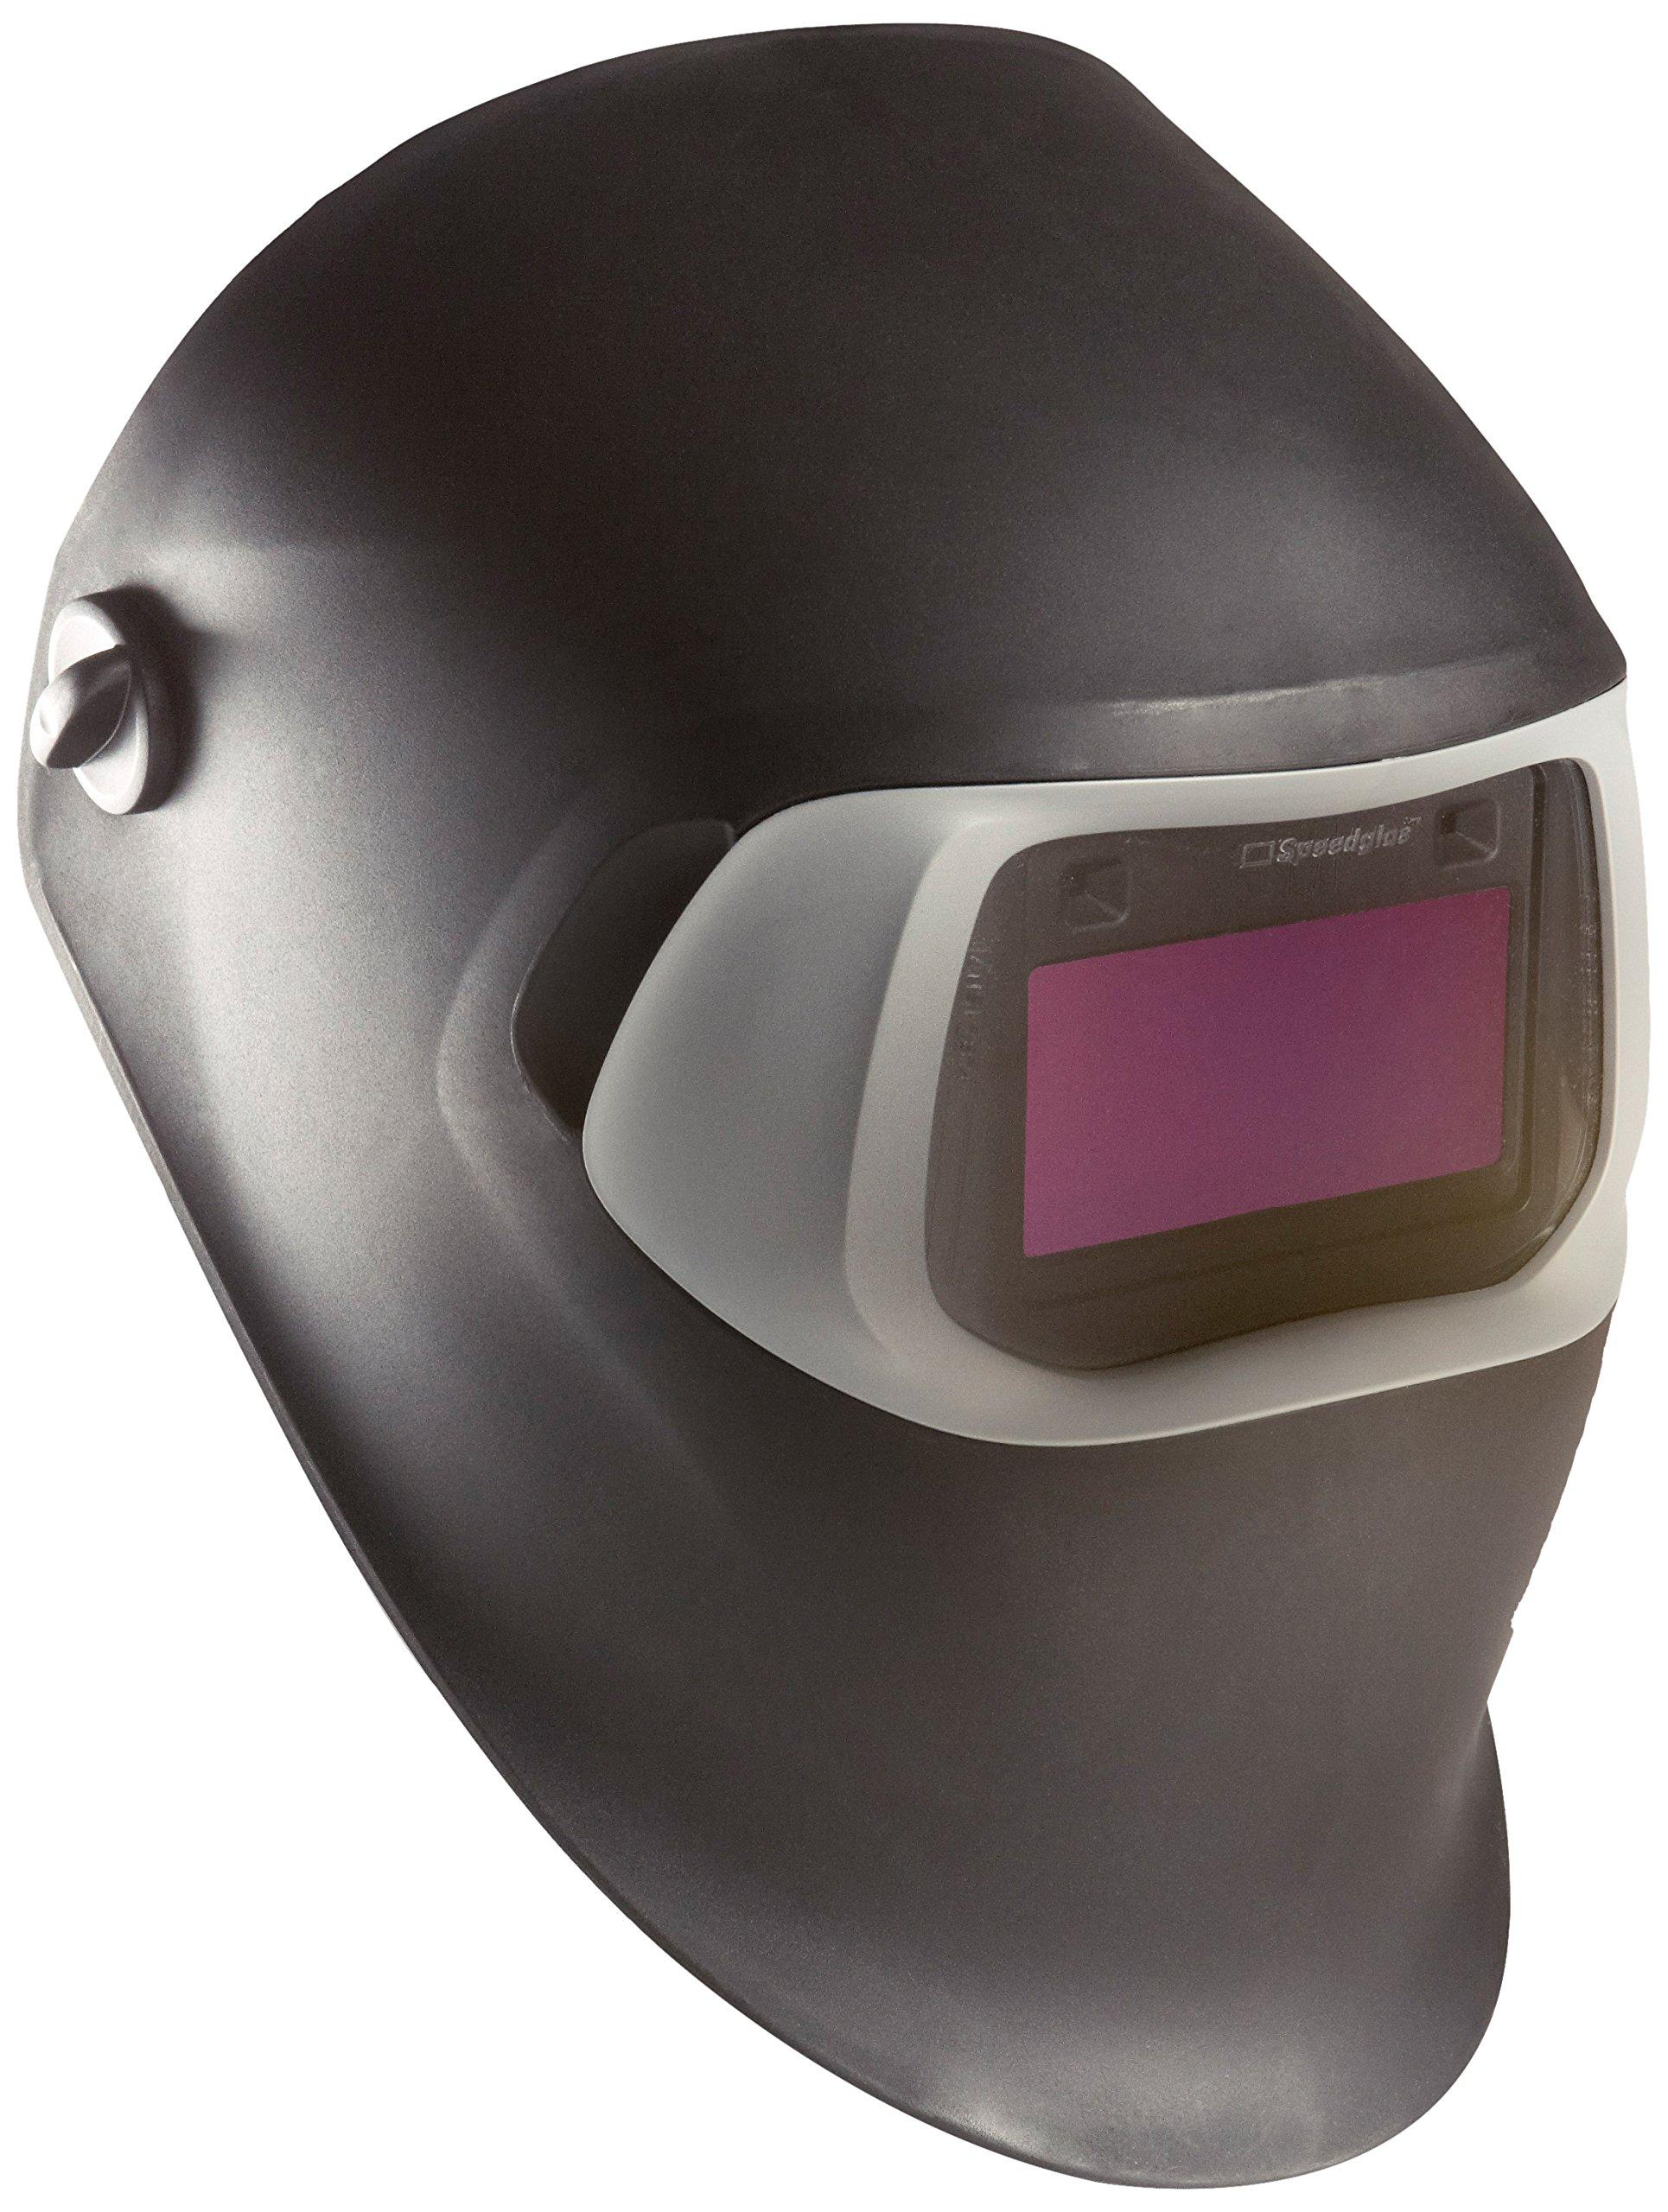 3M Speedglas Black Welding Helmet 100, Welding Safety 07-0012-11BL/37231(AAD) with Speedglas Auto-Darkening Filter 100S-11, Shade 11 1 EA/Case